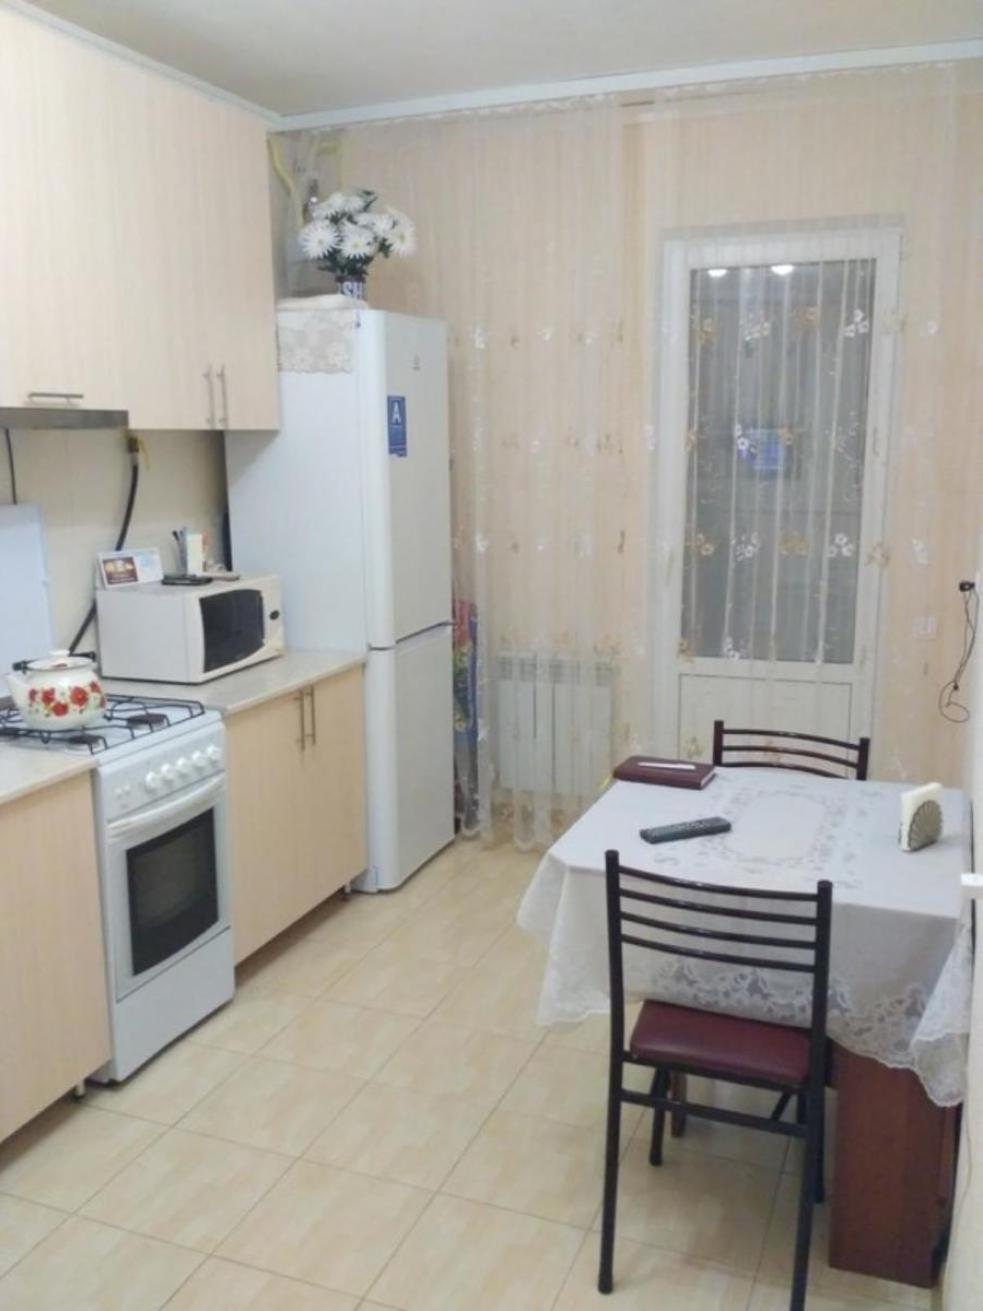 Продаётся квартира с хорошим ремонтом